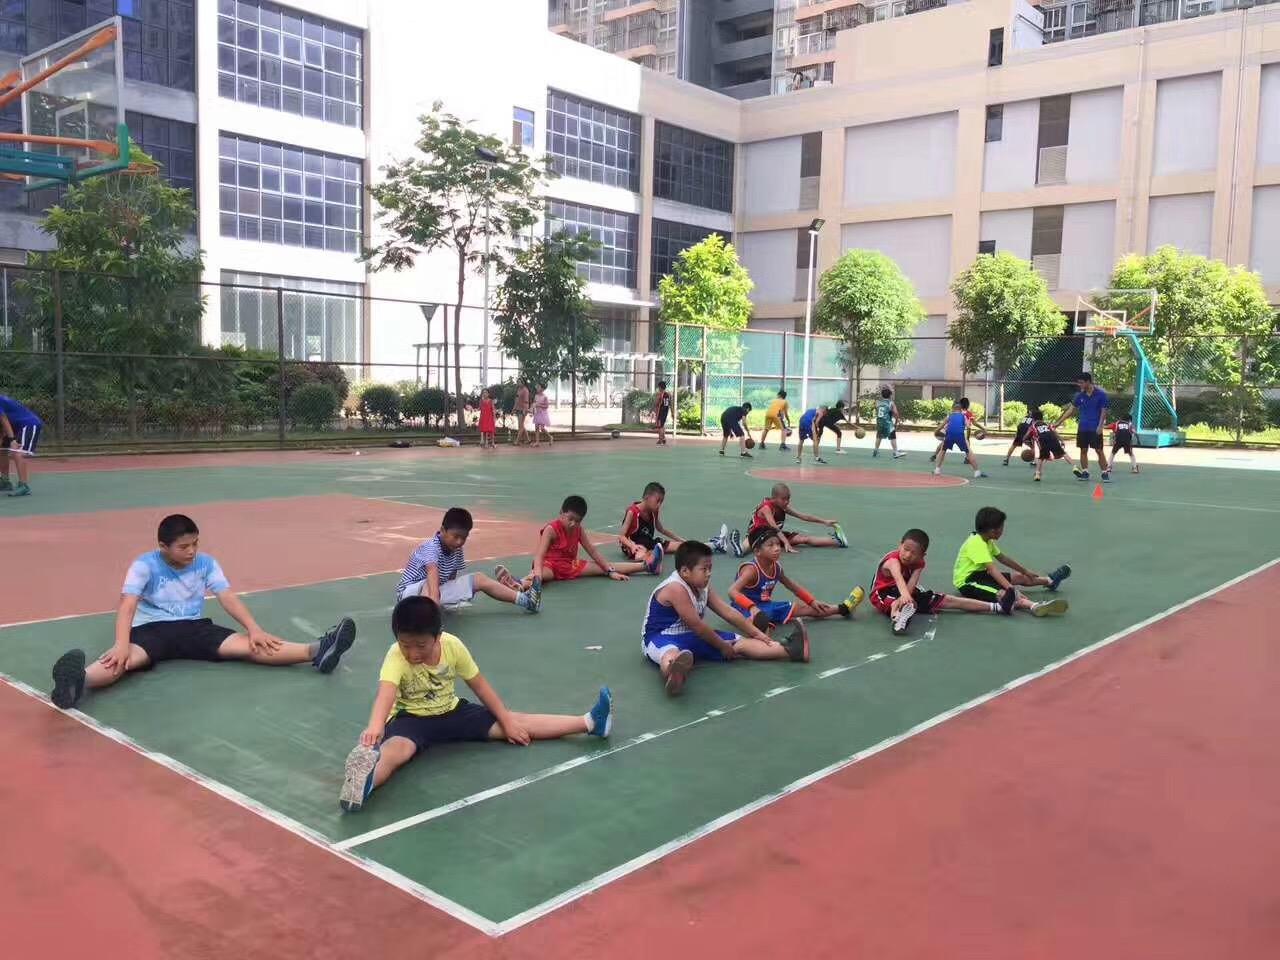 【龙飞篮球训练营】 - 天昊华庭